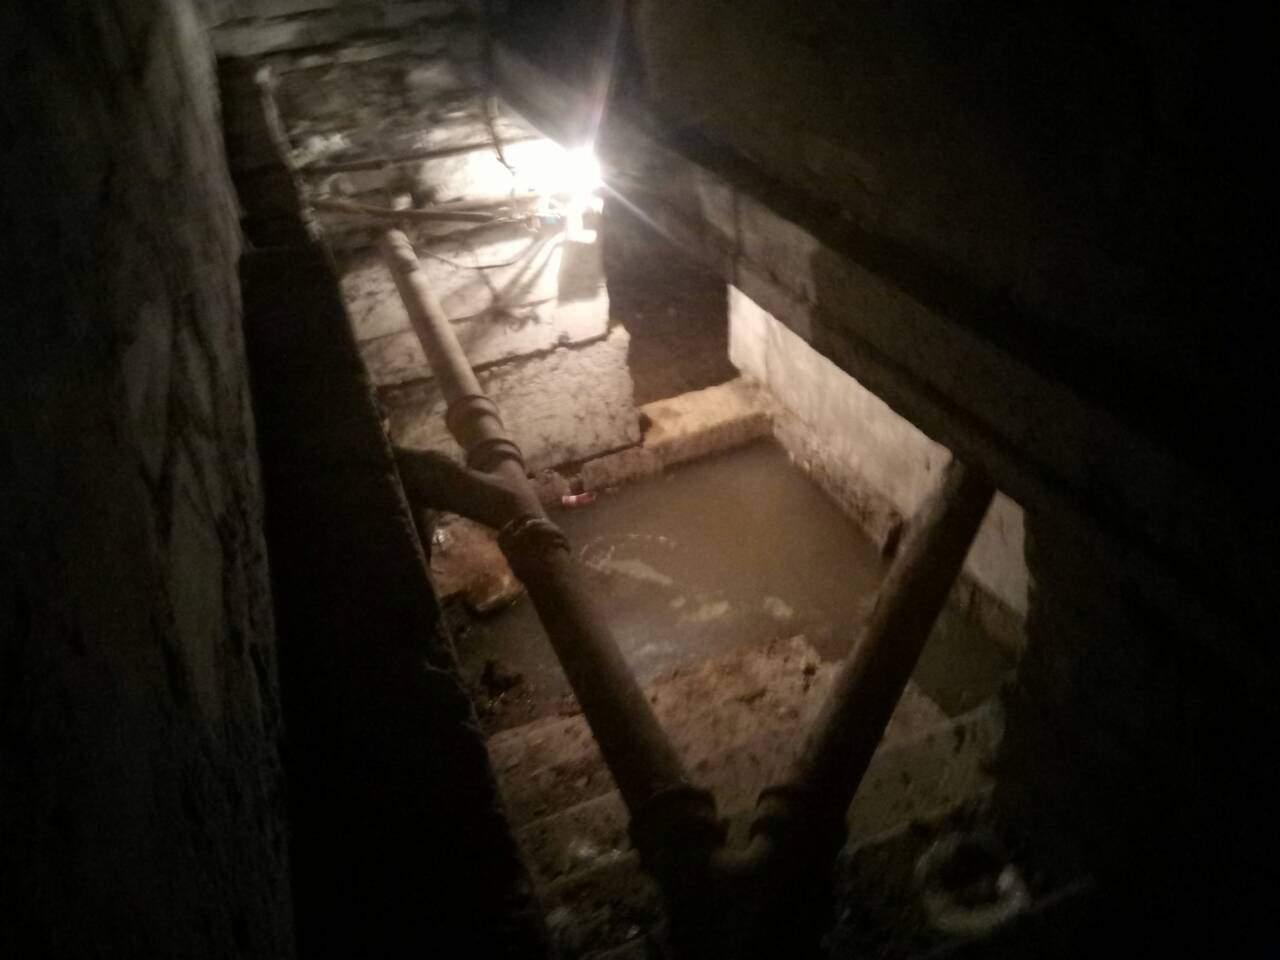 В Харькове в многоэтажном доме прорвало канализацию и затопило подвал (фото)